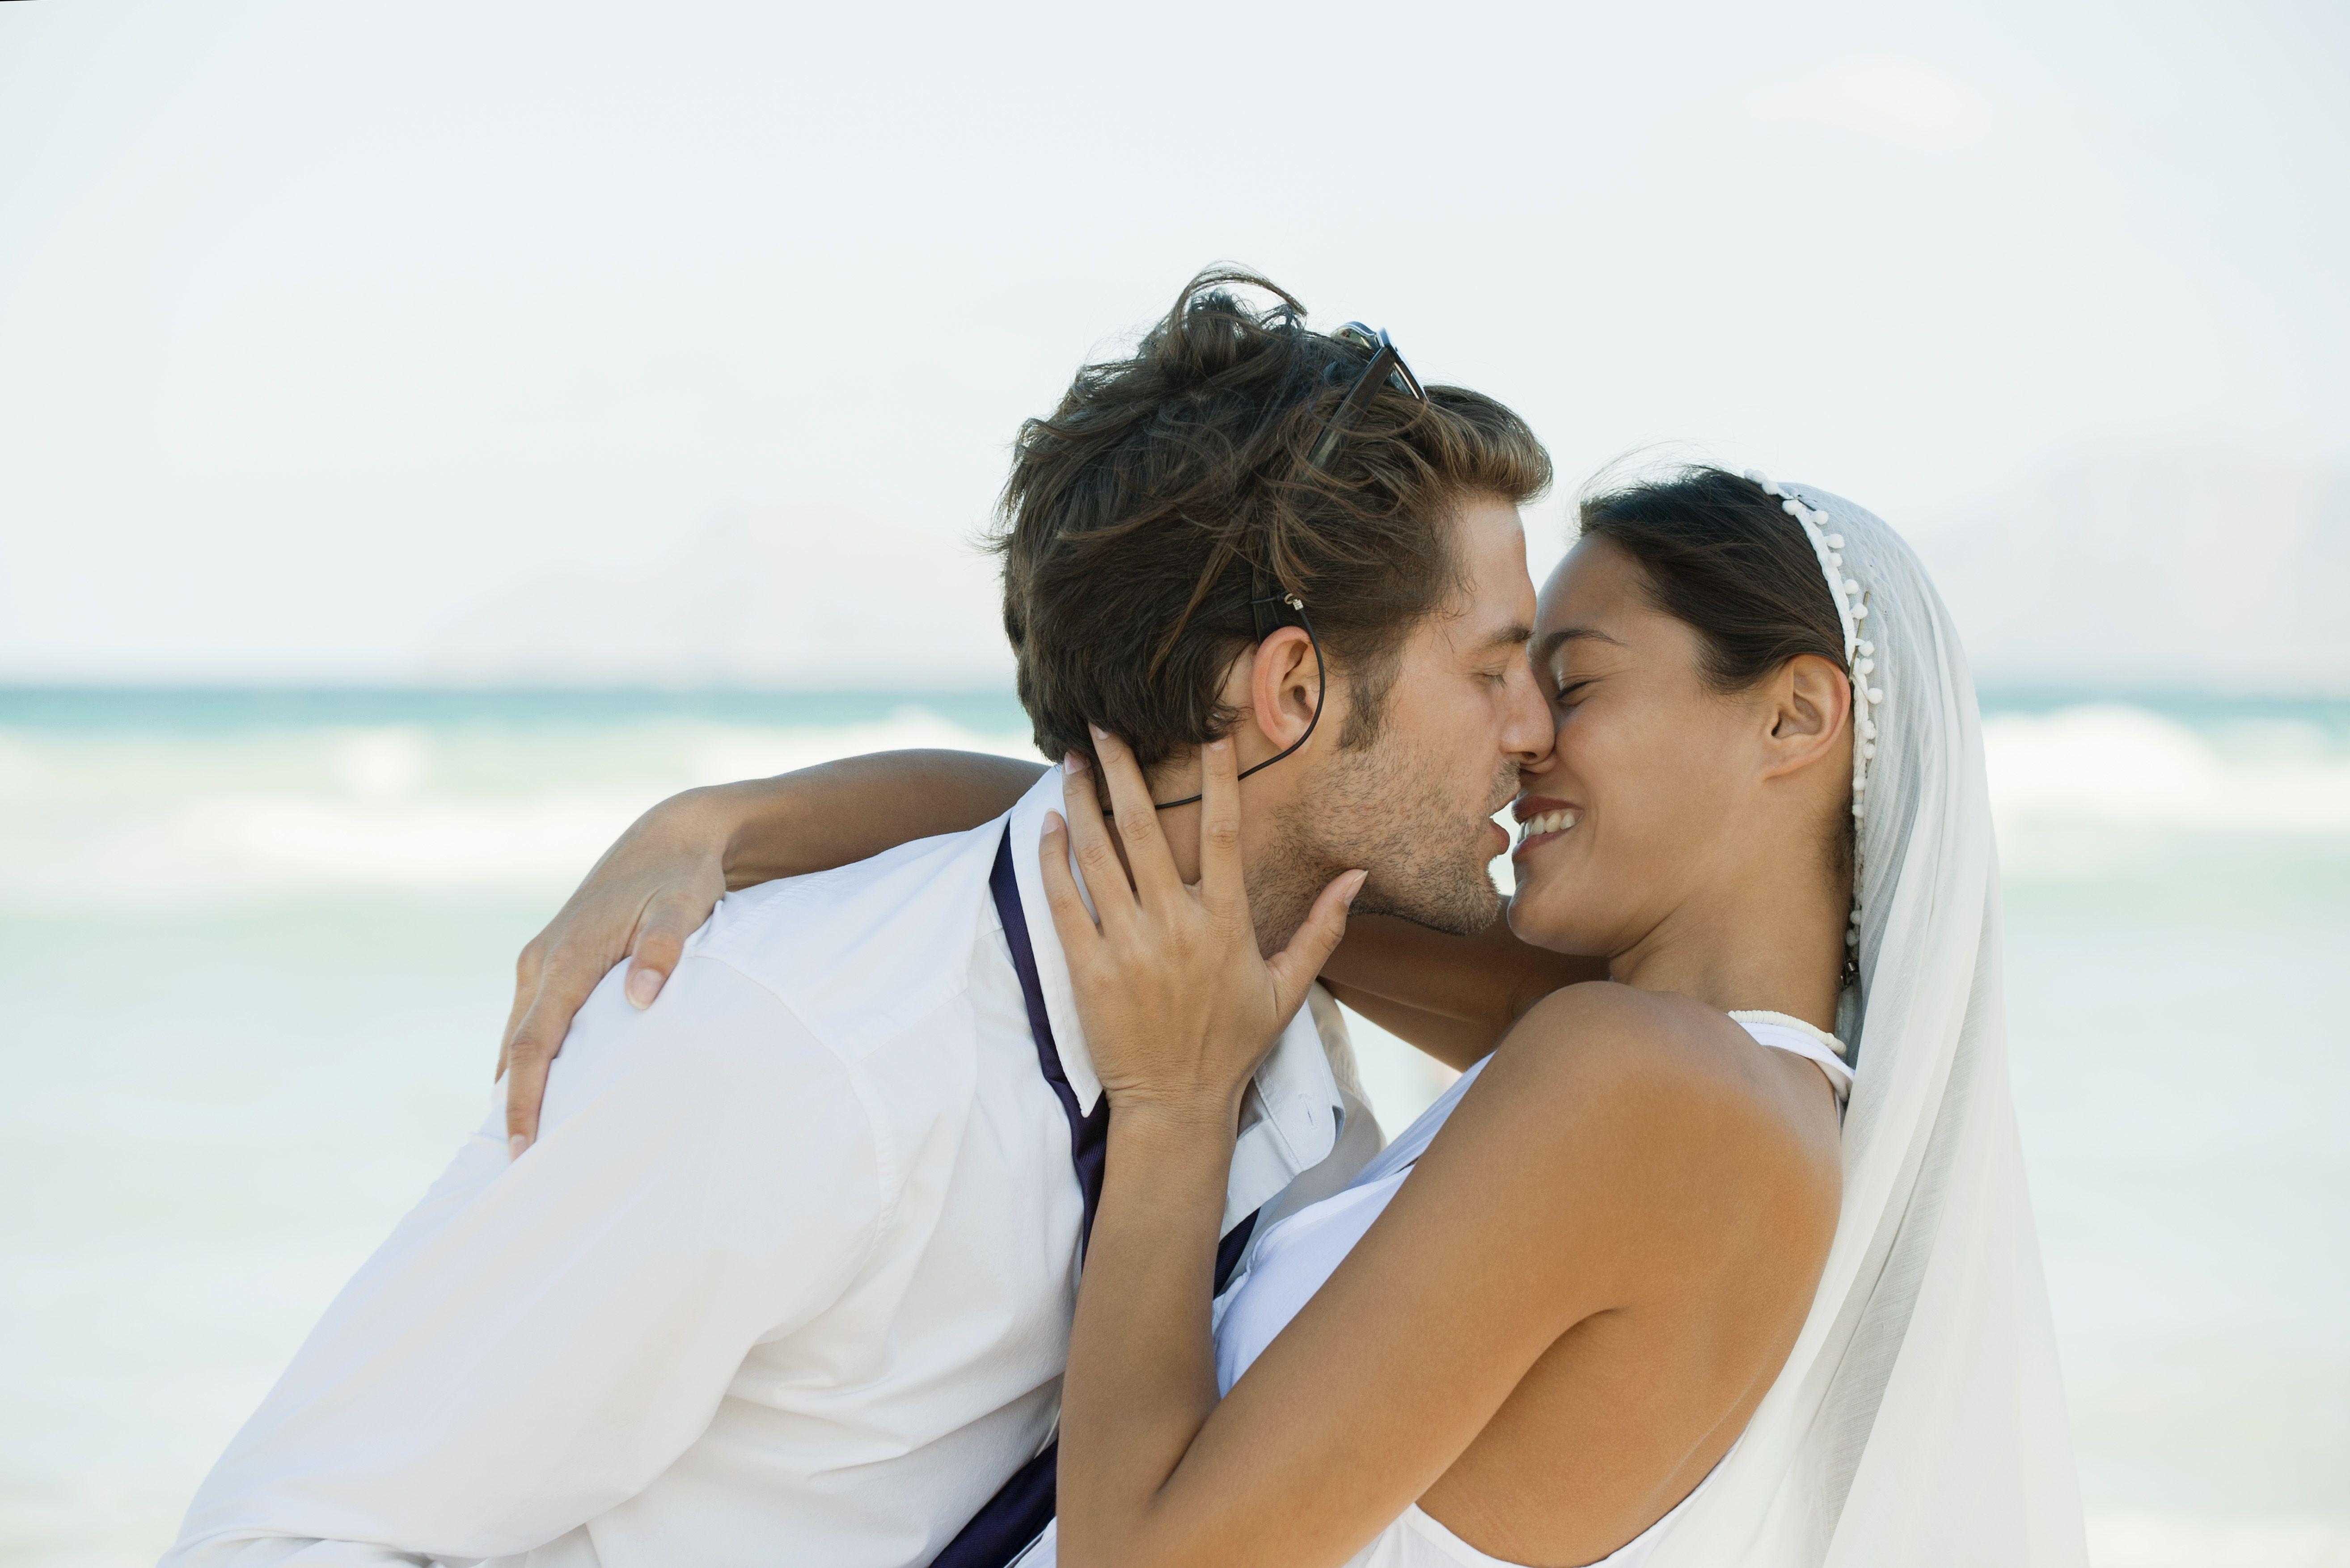 Matrimonio In Spiaggia Abiti : I 10 abiti da sposa per un matrimonio in spiaggia